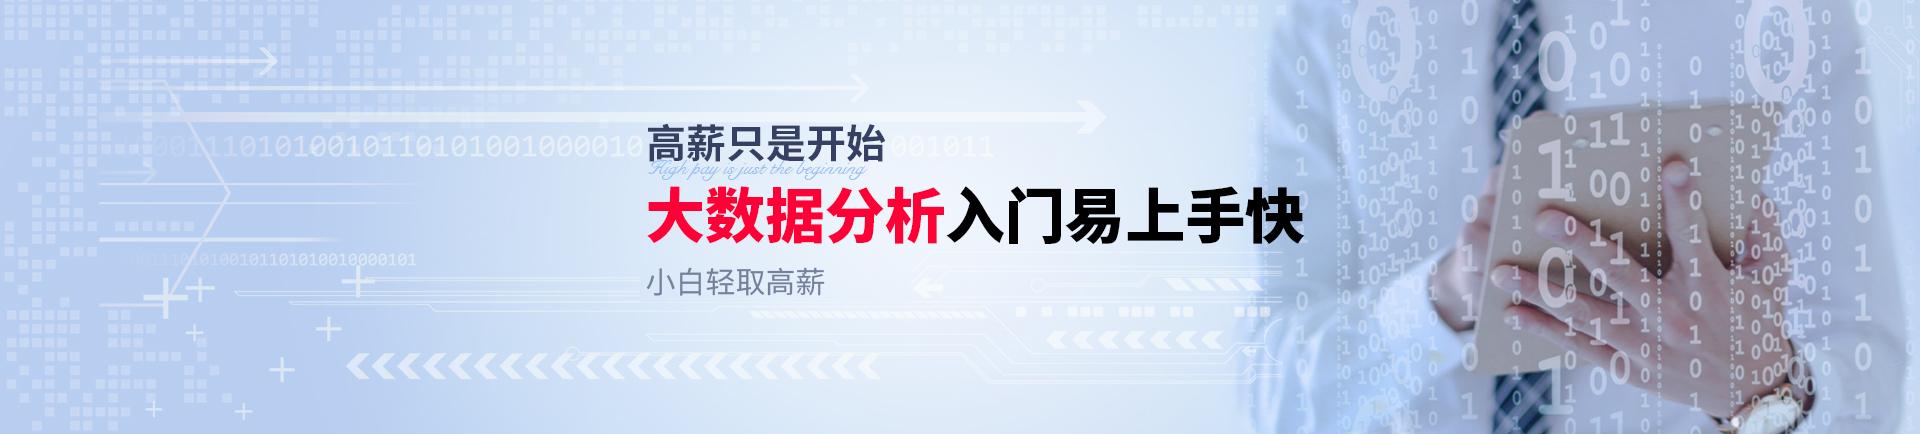 大数�分�入门易上手快 �白挑战高薪-zhengzhou